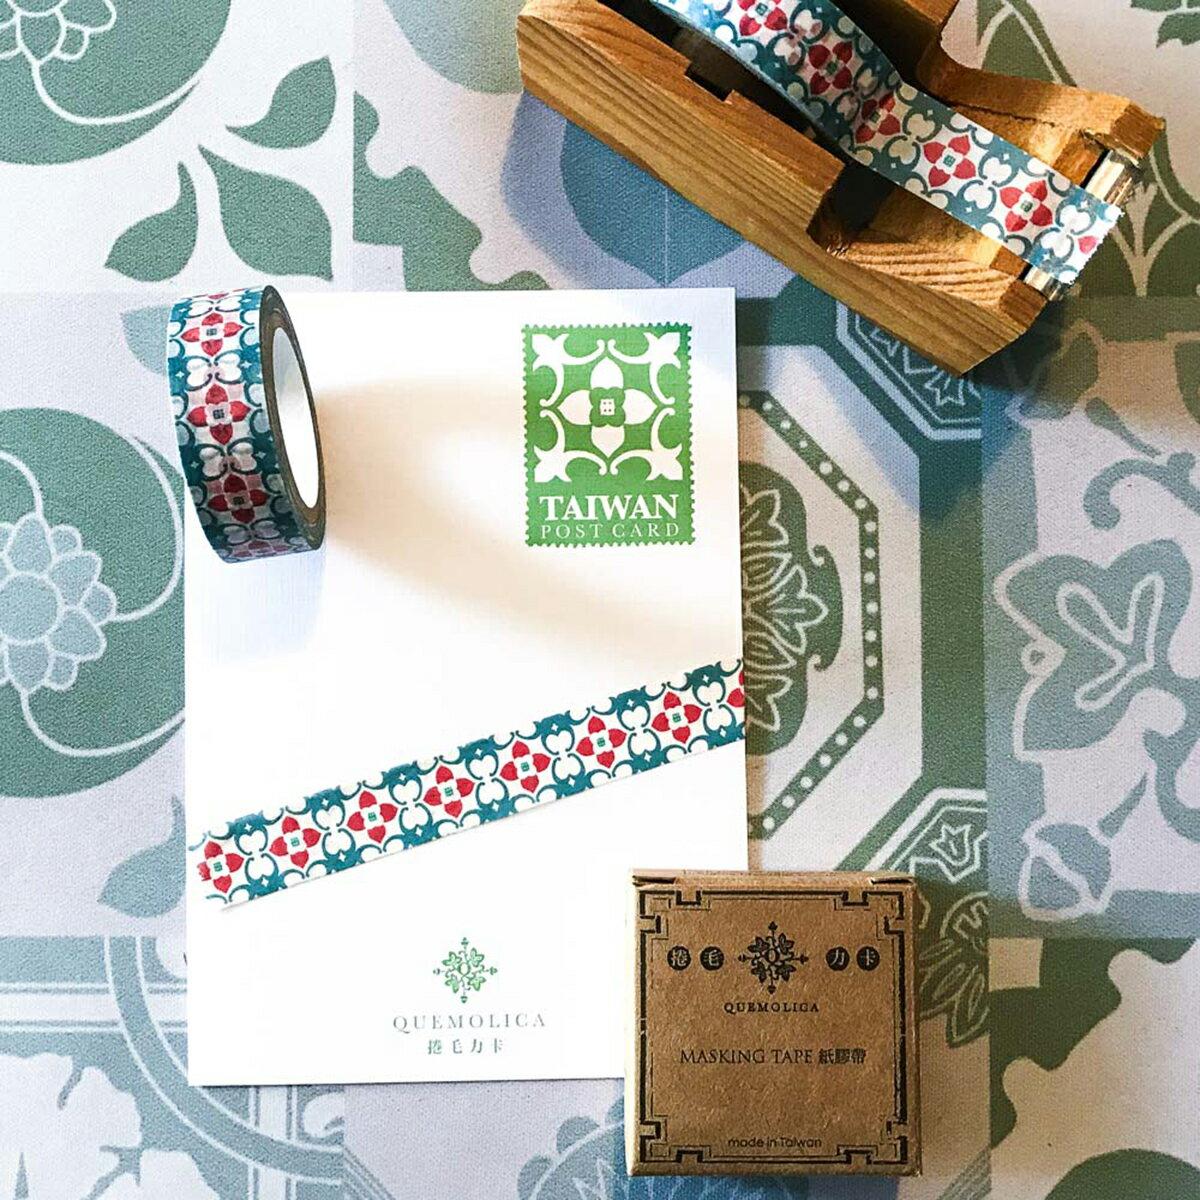 紙膠帶 - 柿柿好蝠氣  花磚,台灣,捲毛力卡,四方連續,紙膠帶